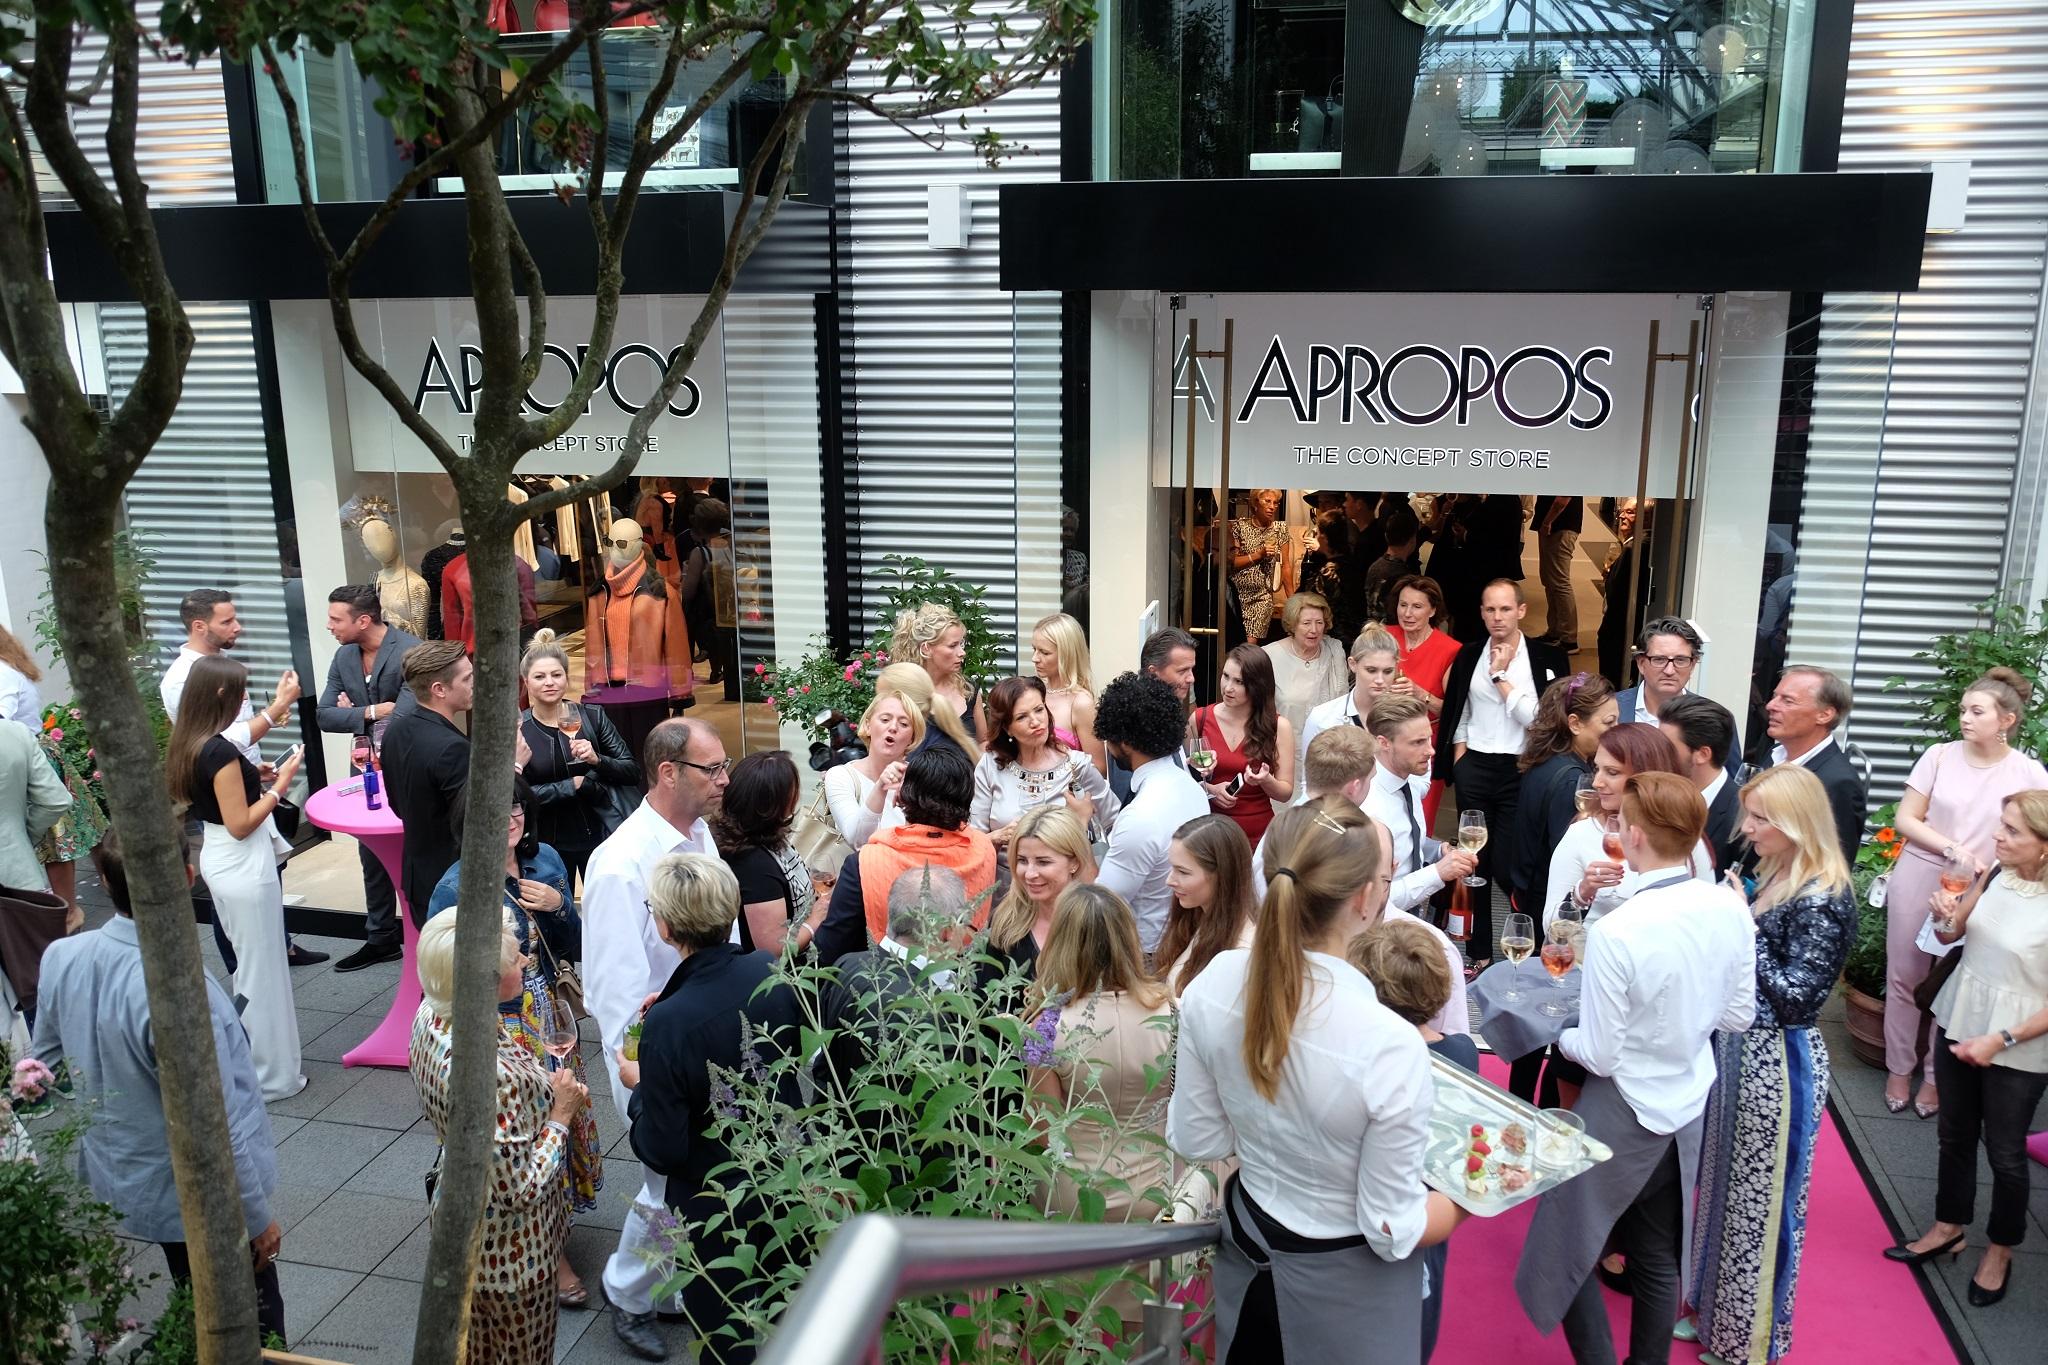 Apropos Concept Store Köln, Apropos Köln, Apropos Reopening Event, Apropos Event, Modeblogger, Modeblog, Fashionblog, Lieblingsstil